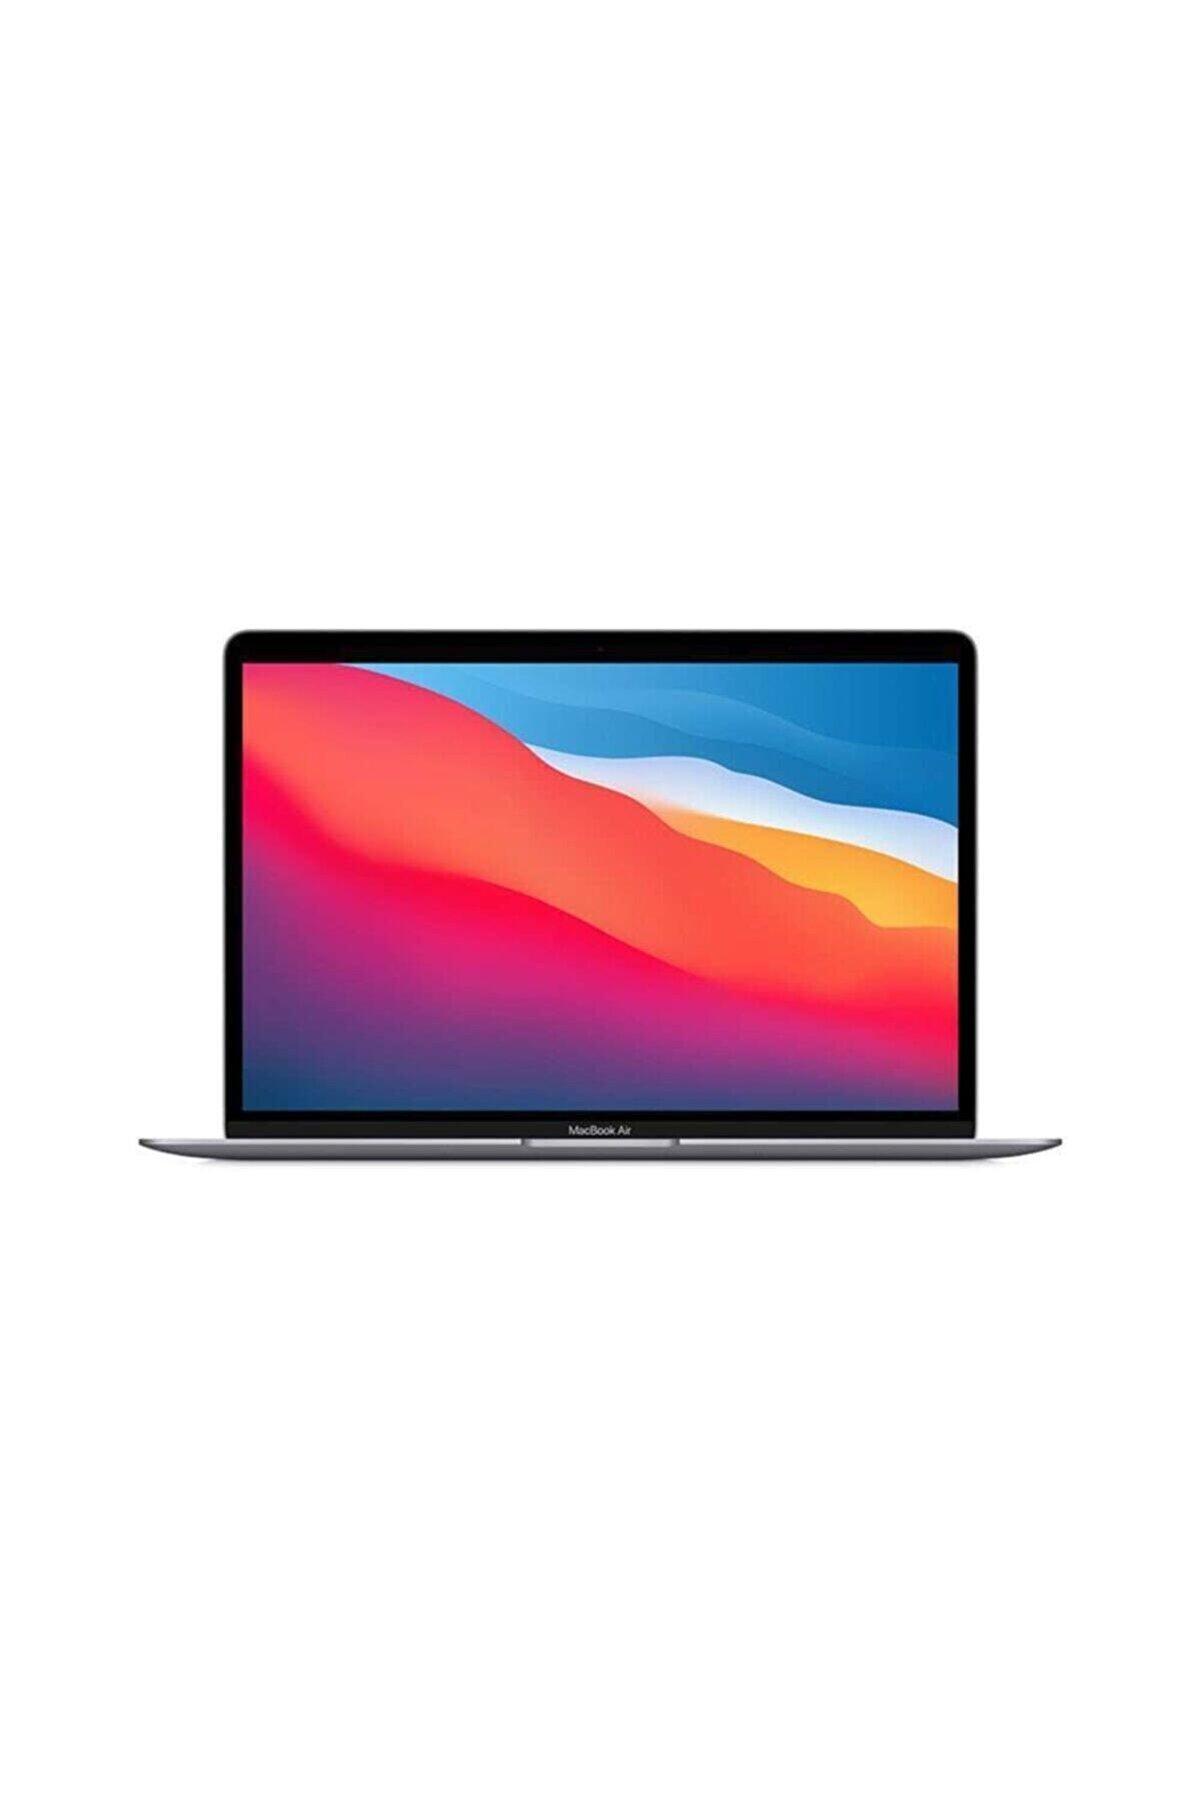 Apple Macbook Air 13'' M1 8gb 256gb Ssd Uzay Grisi - Mgn63tu/a